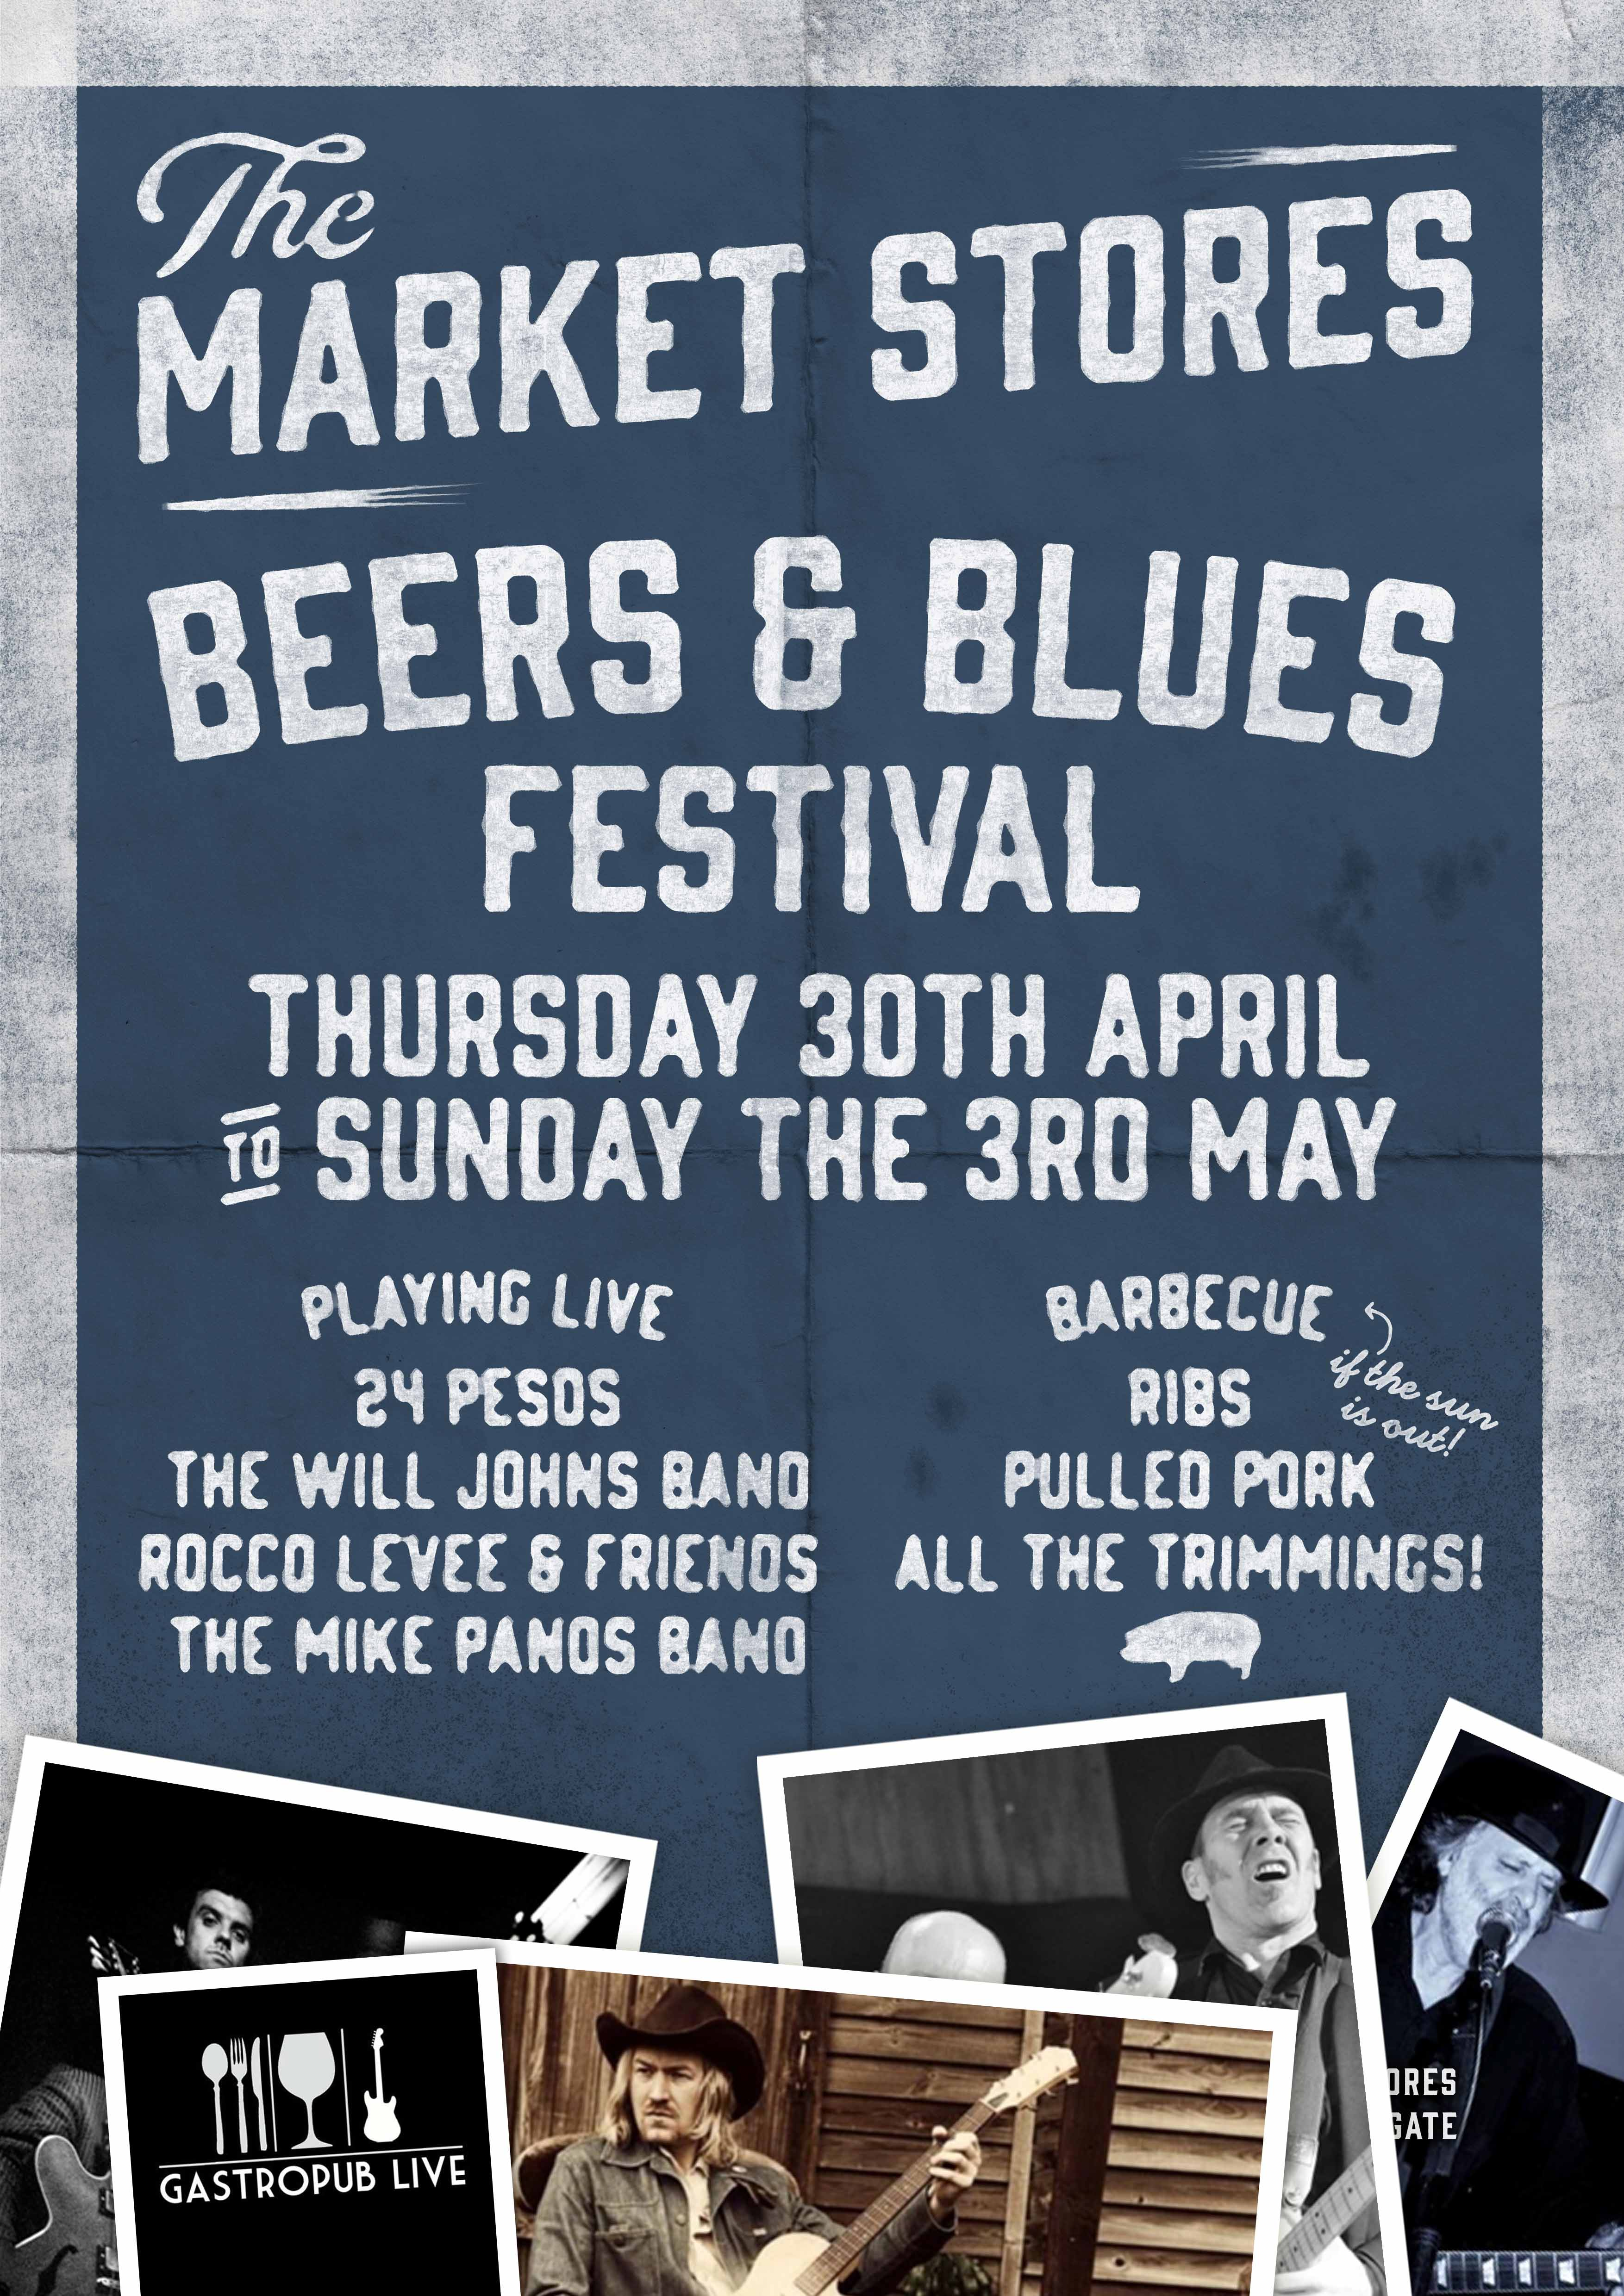 Market Stores Reigate Blues Festival Poster _11537